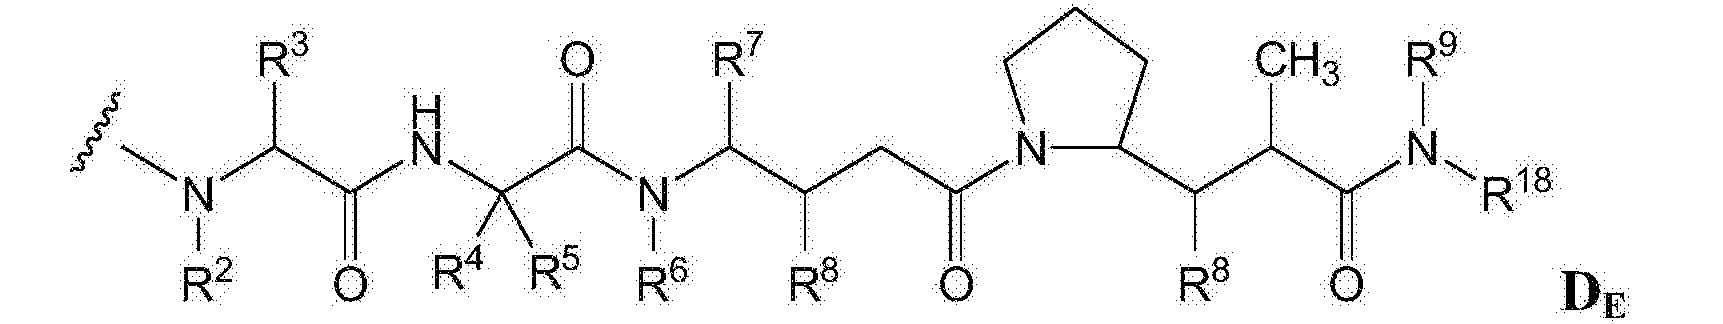 Figure CN106413756AC00021